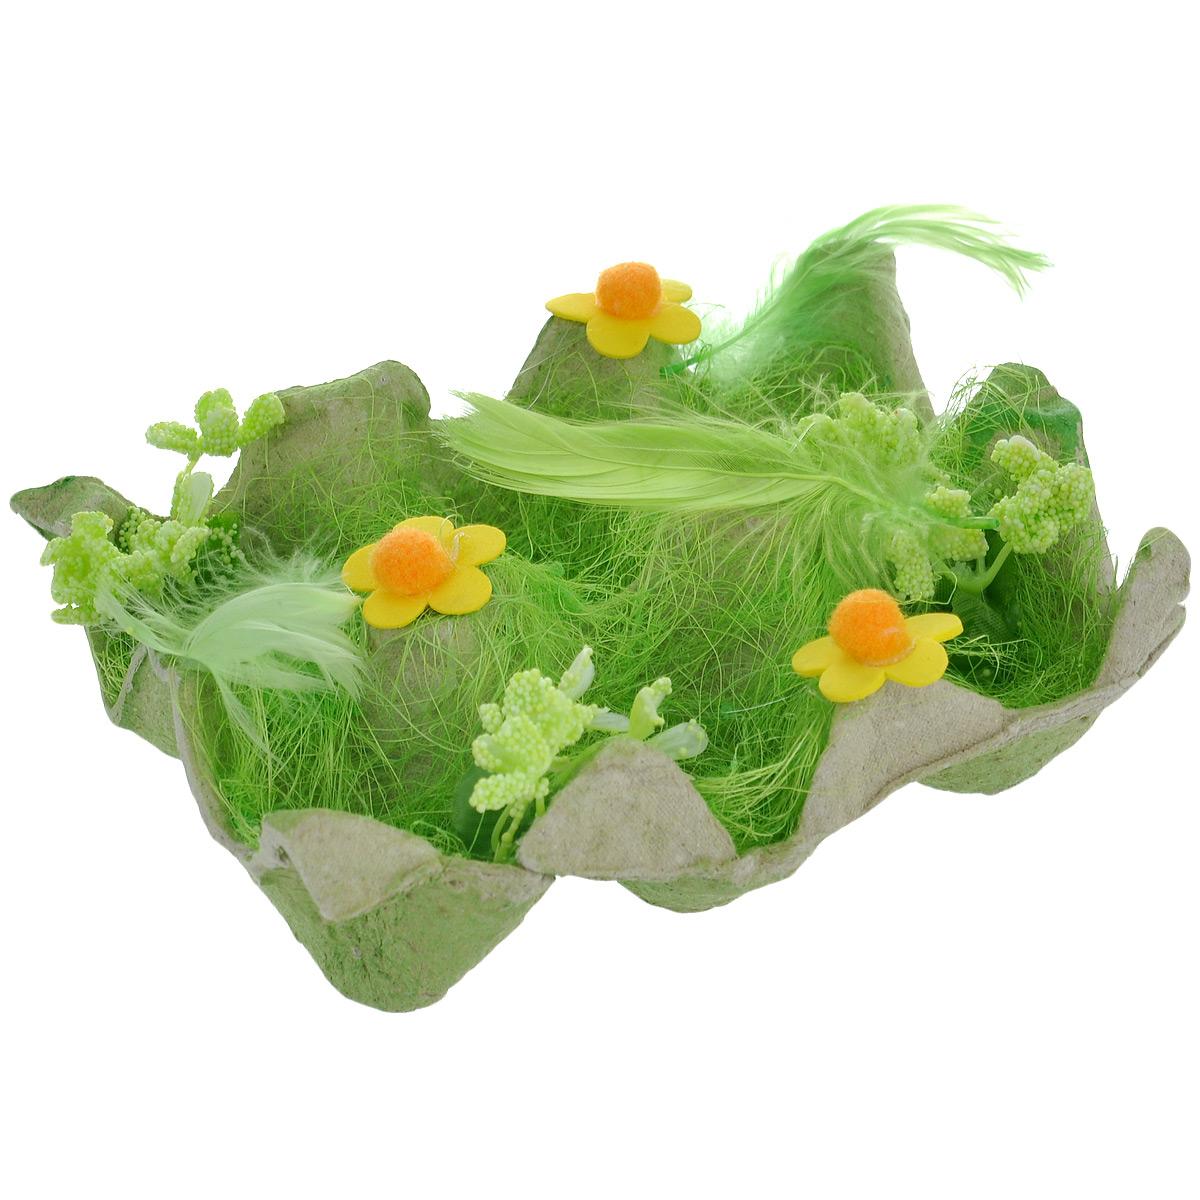 Подставка декоративная Home Queen Полянка, для 6 яиц, цвет: зеленый, 14 см х 9 см х 4 см60860_2Декоративная подставка для яиц Home Queen Полянка изготовлена из плотного картона, оформлена сизалем, декорирована пером и цветочками. Изделие имеет 6 выемок для хранения яиц. Идеальный вариант для Пасхи. Такая подставка красиво оформит праздничный стол и создаст особое настроение.